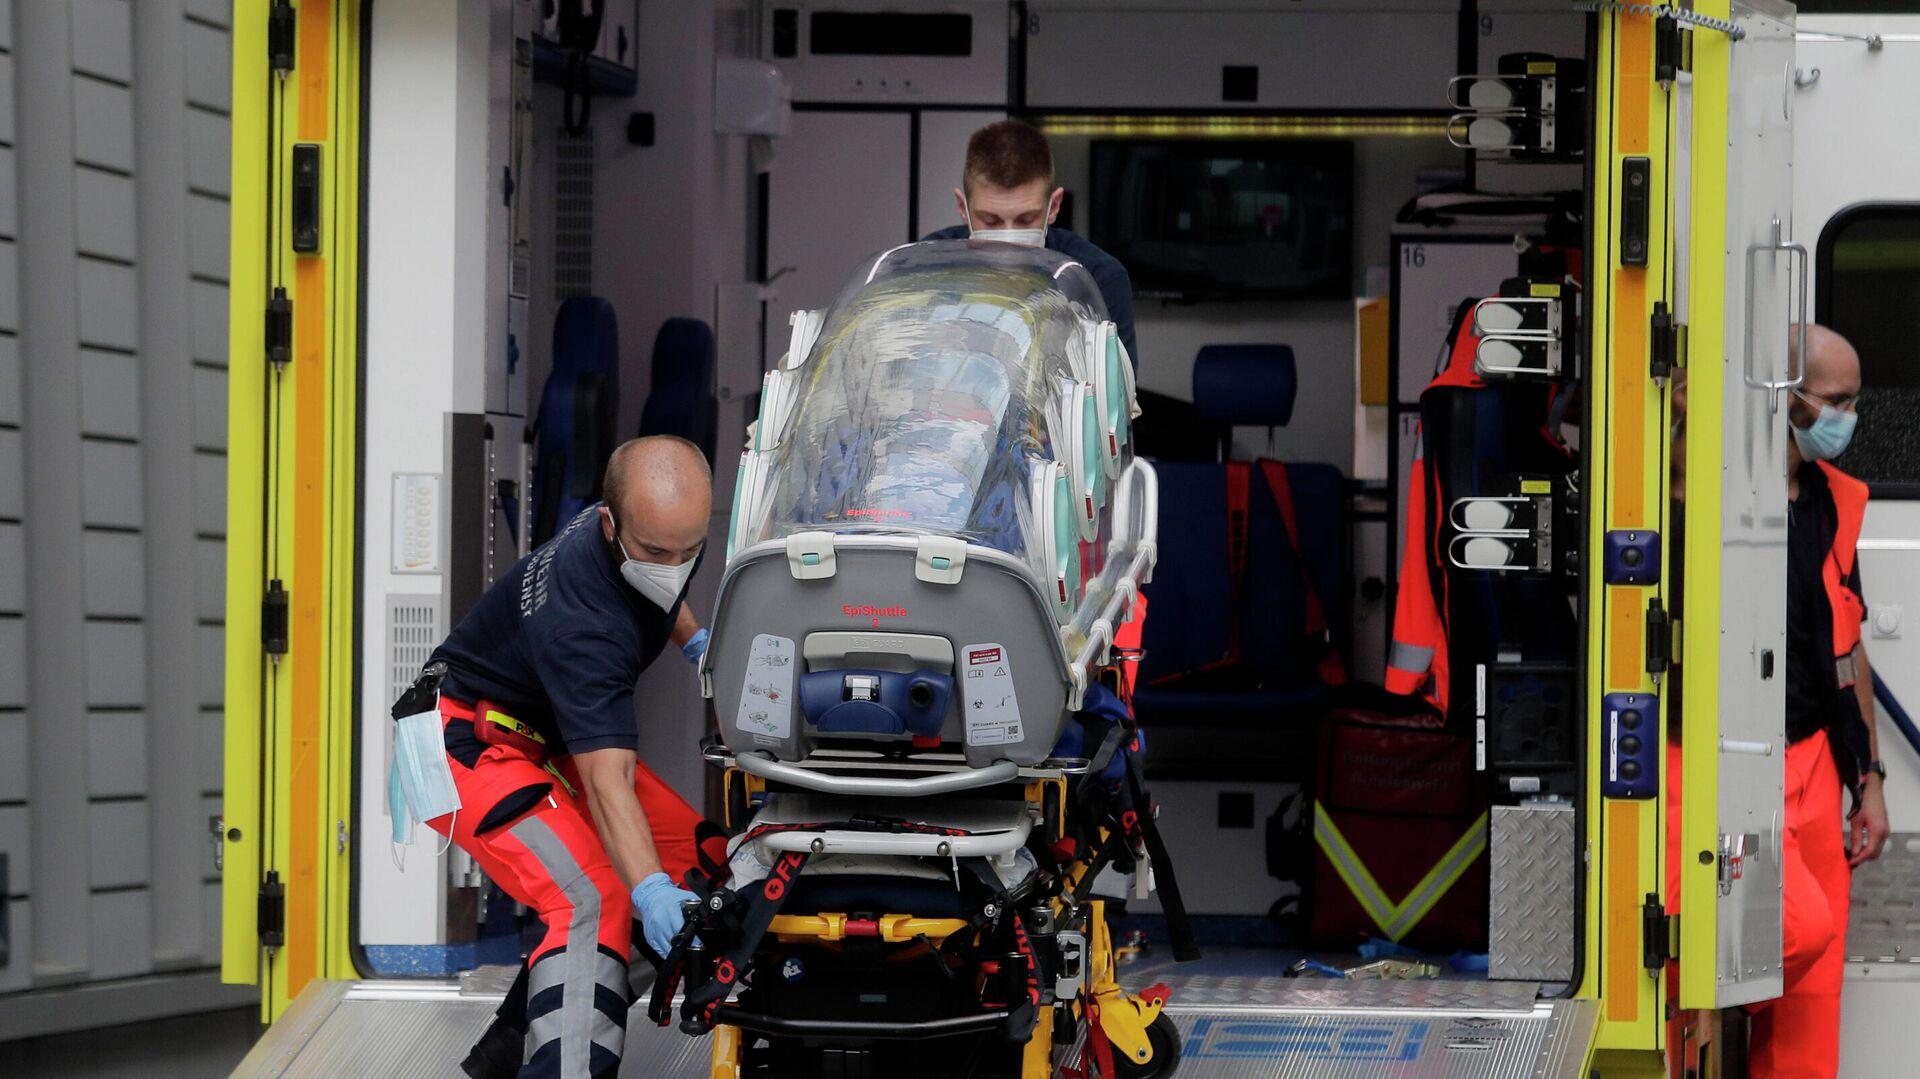 Экипаж скорой помощи, на котором предположительно был доставлен в клинику Шарите в Берлине Алексей Навальный - РИА Новости, 1920, 14.09.2020